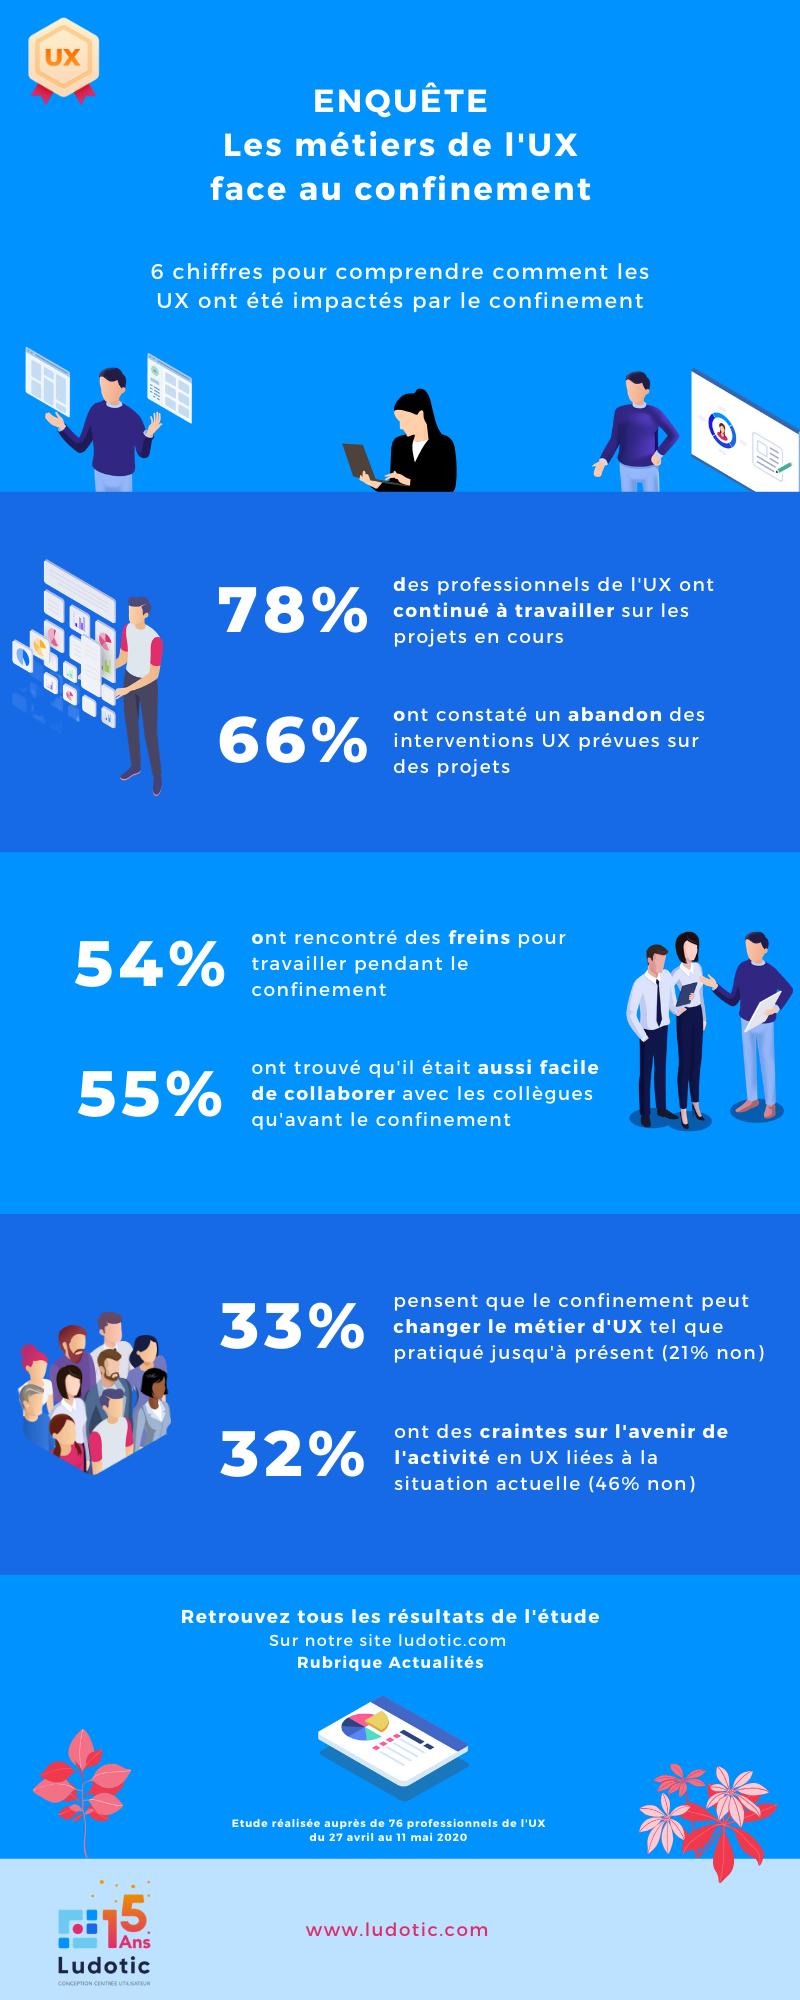 Infographie : Synthèse des résultats de l'enquête les métiers de l'UX face au confinement